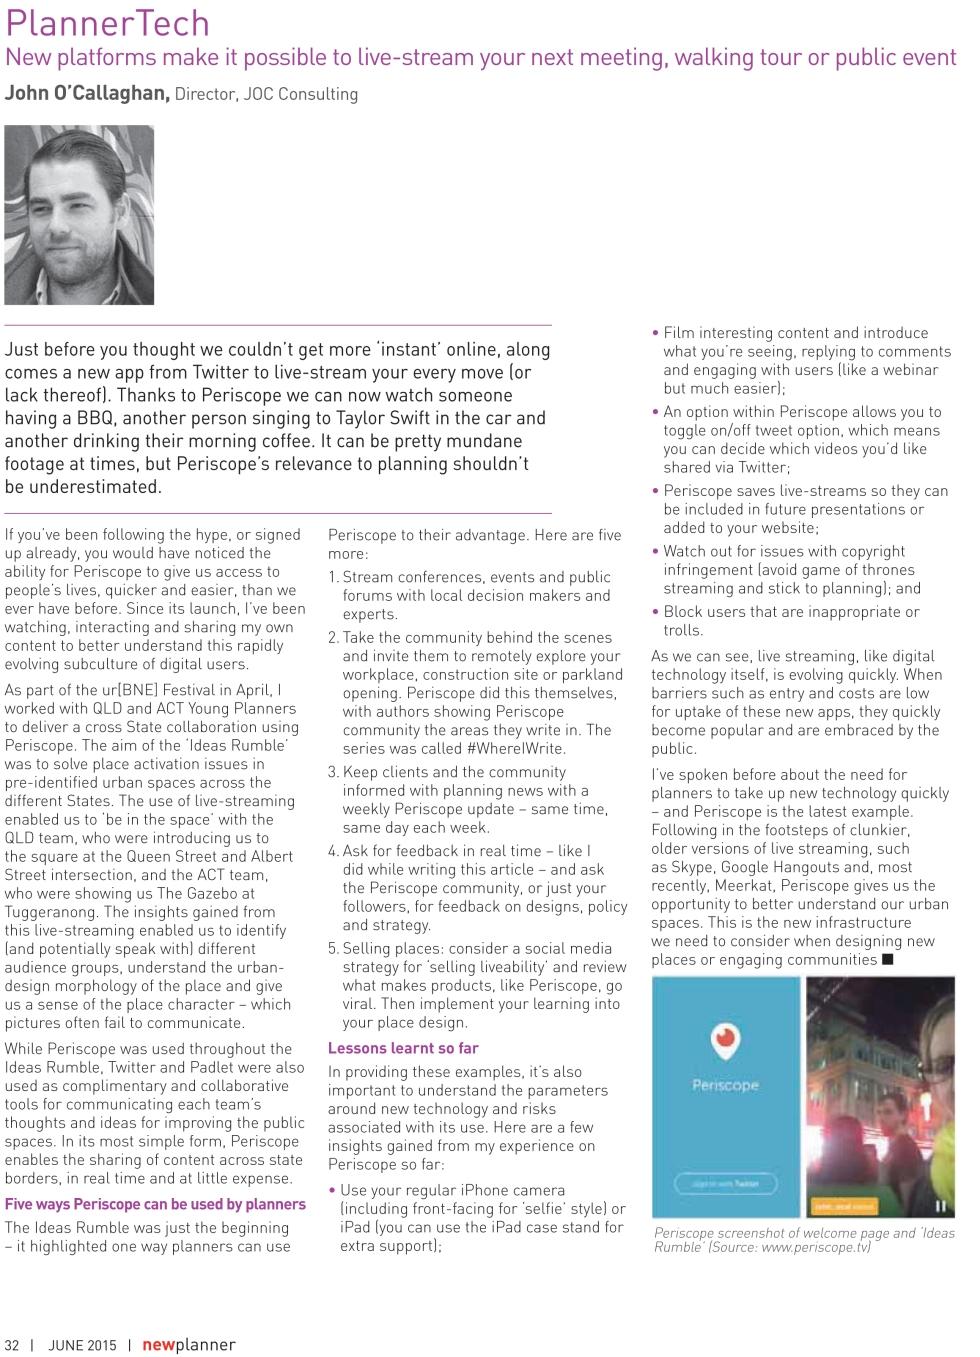 New Planner Magazine John O'Callaghan JOC Consulting Planner Technology